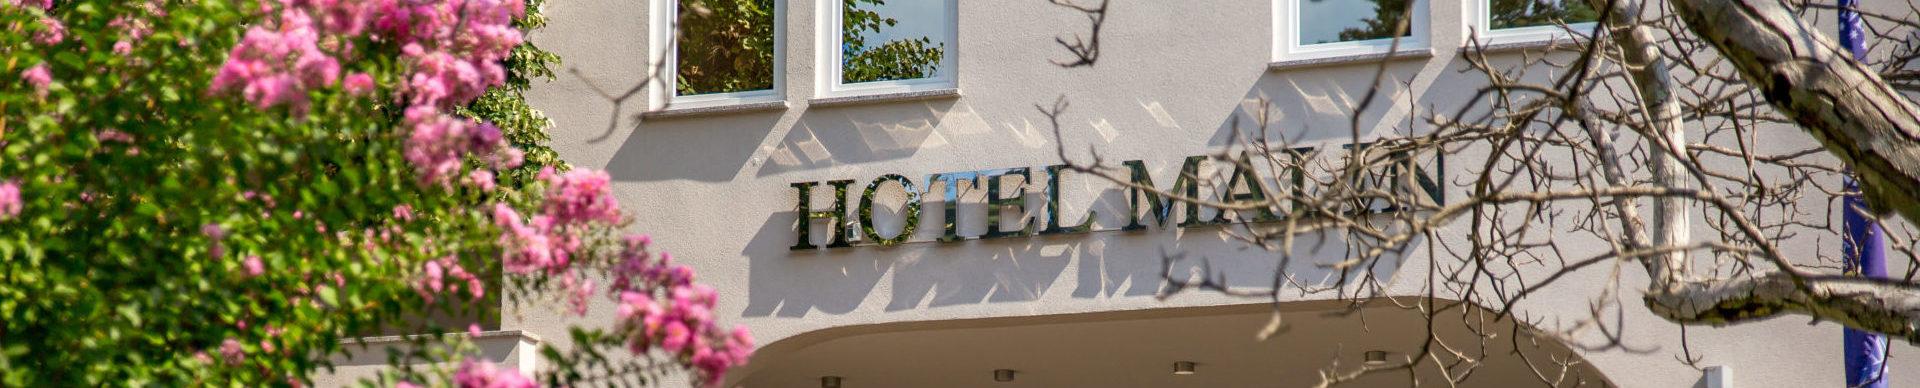 Angebot im Hotel Malin Krk